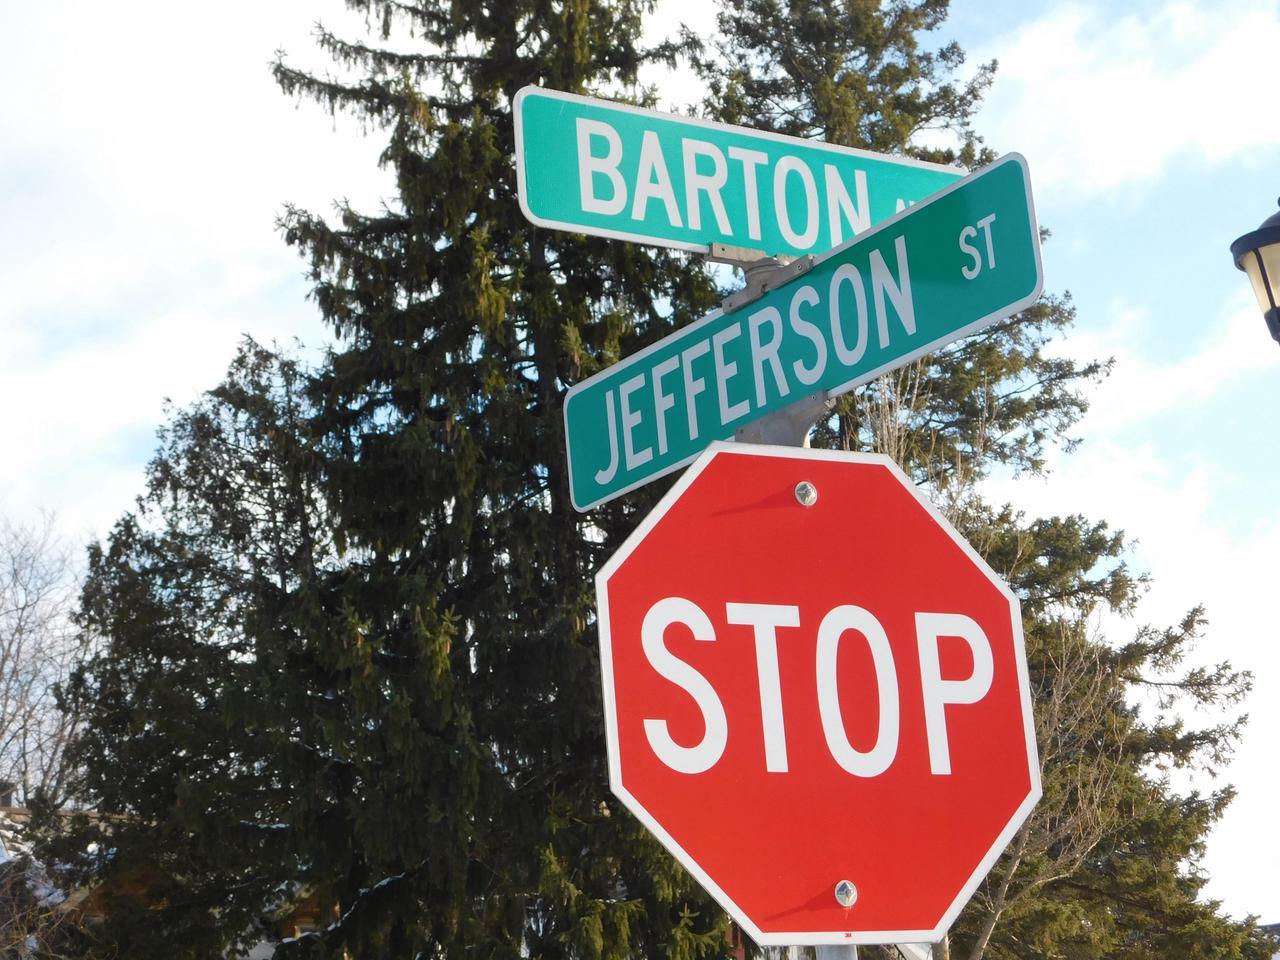 304 Jefferson St STREET, WEST BEND, WI 53090